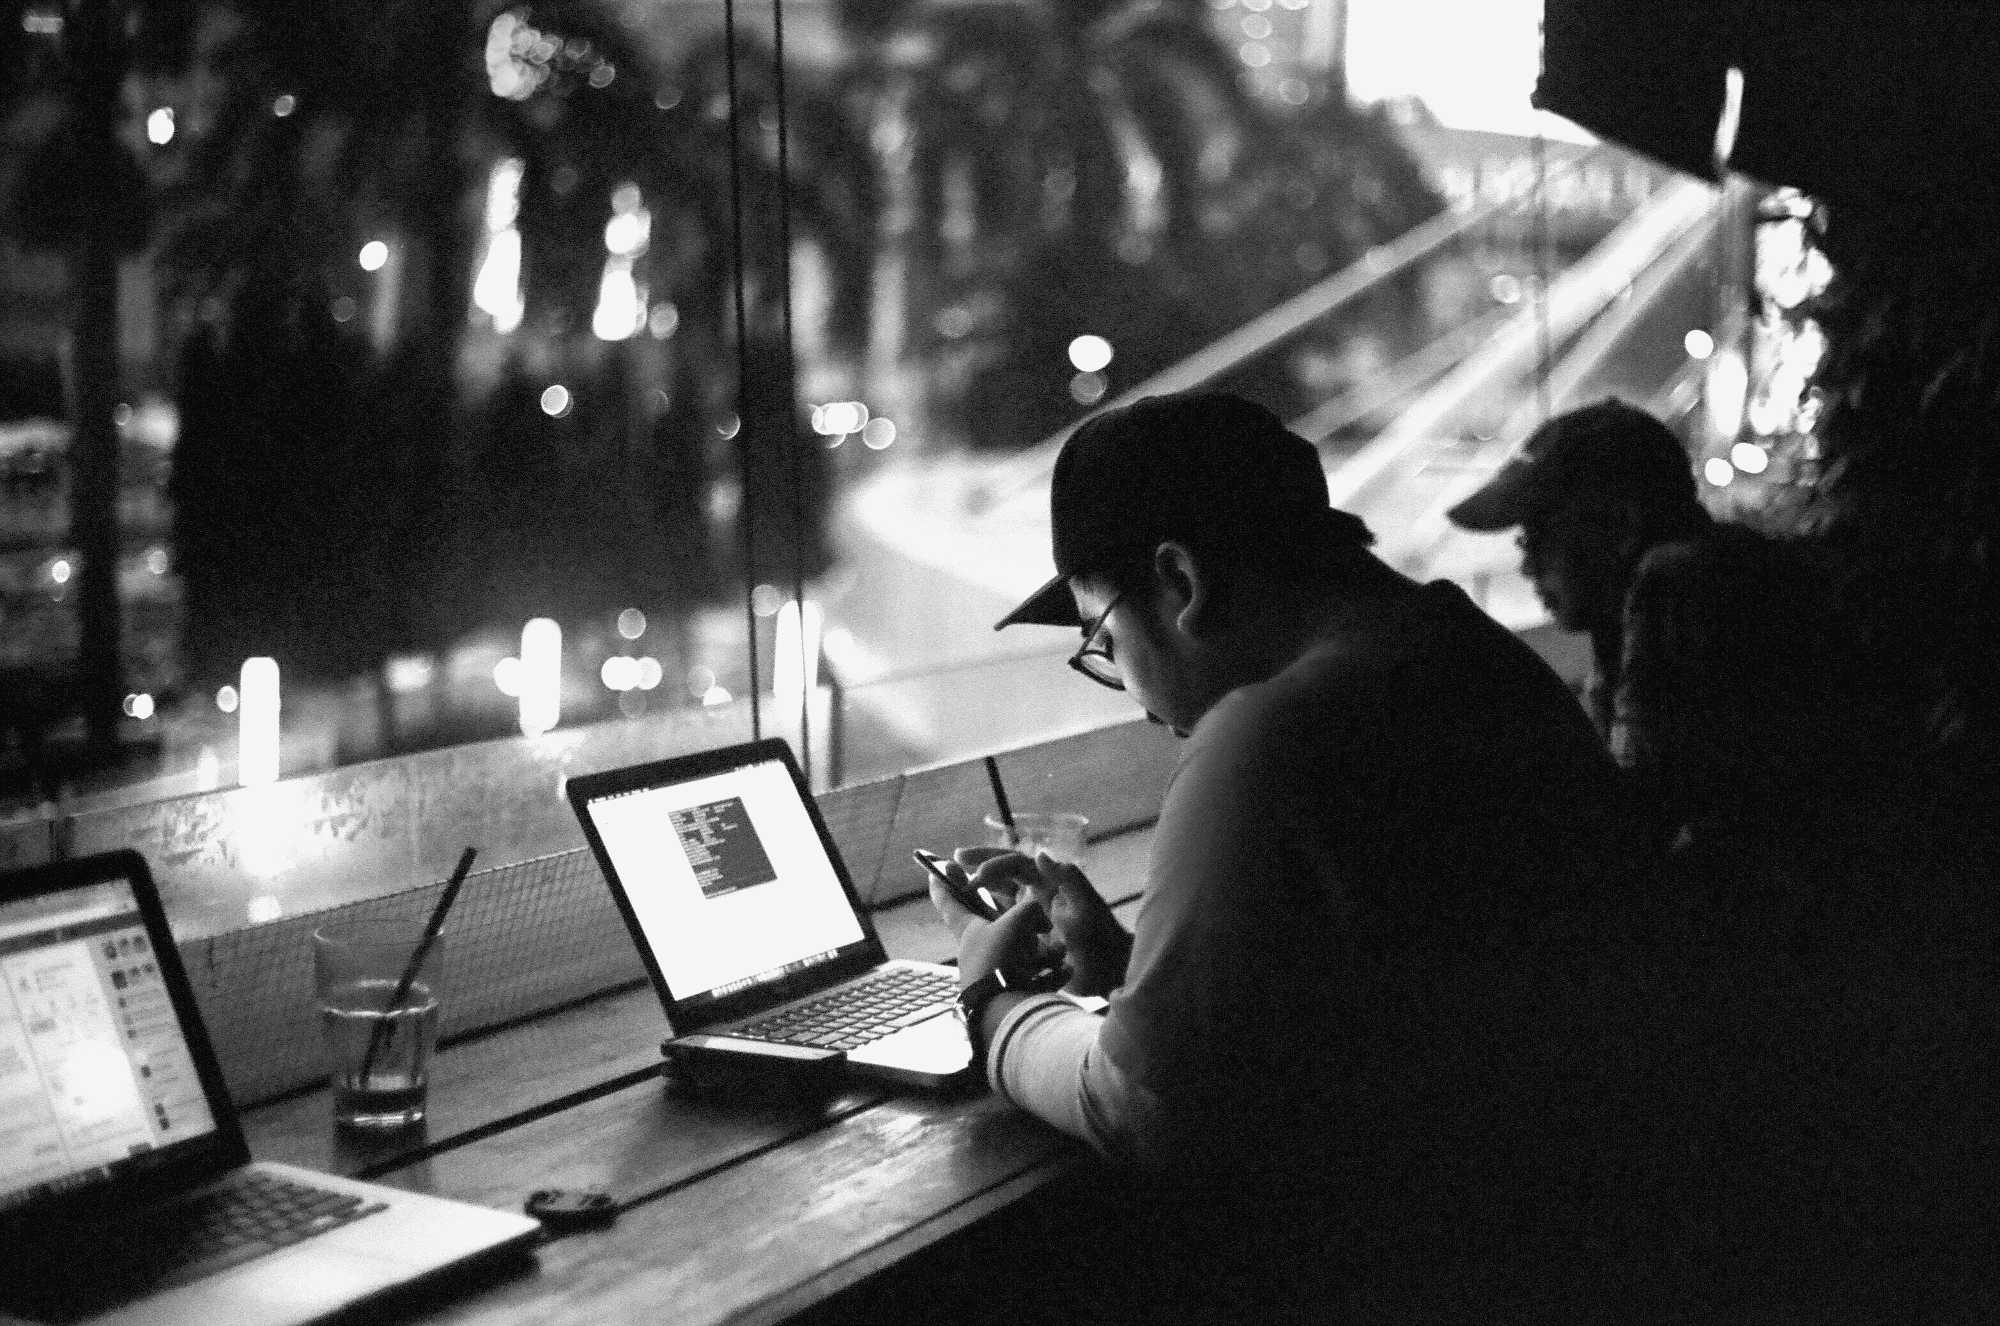 Uomo lavora al computer di notte | © Muhammad Raufan Yusup